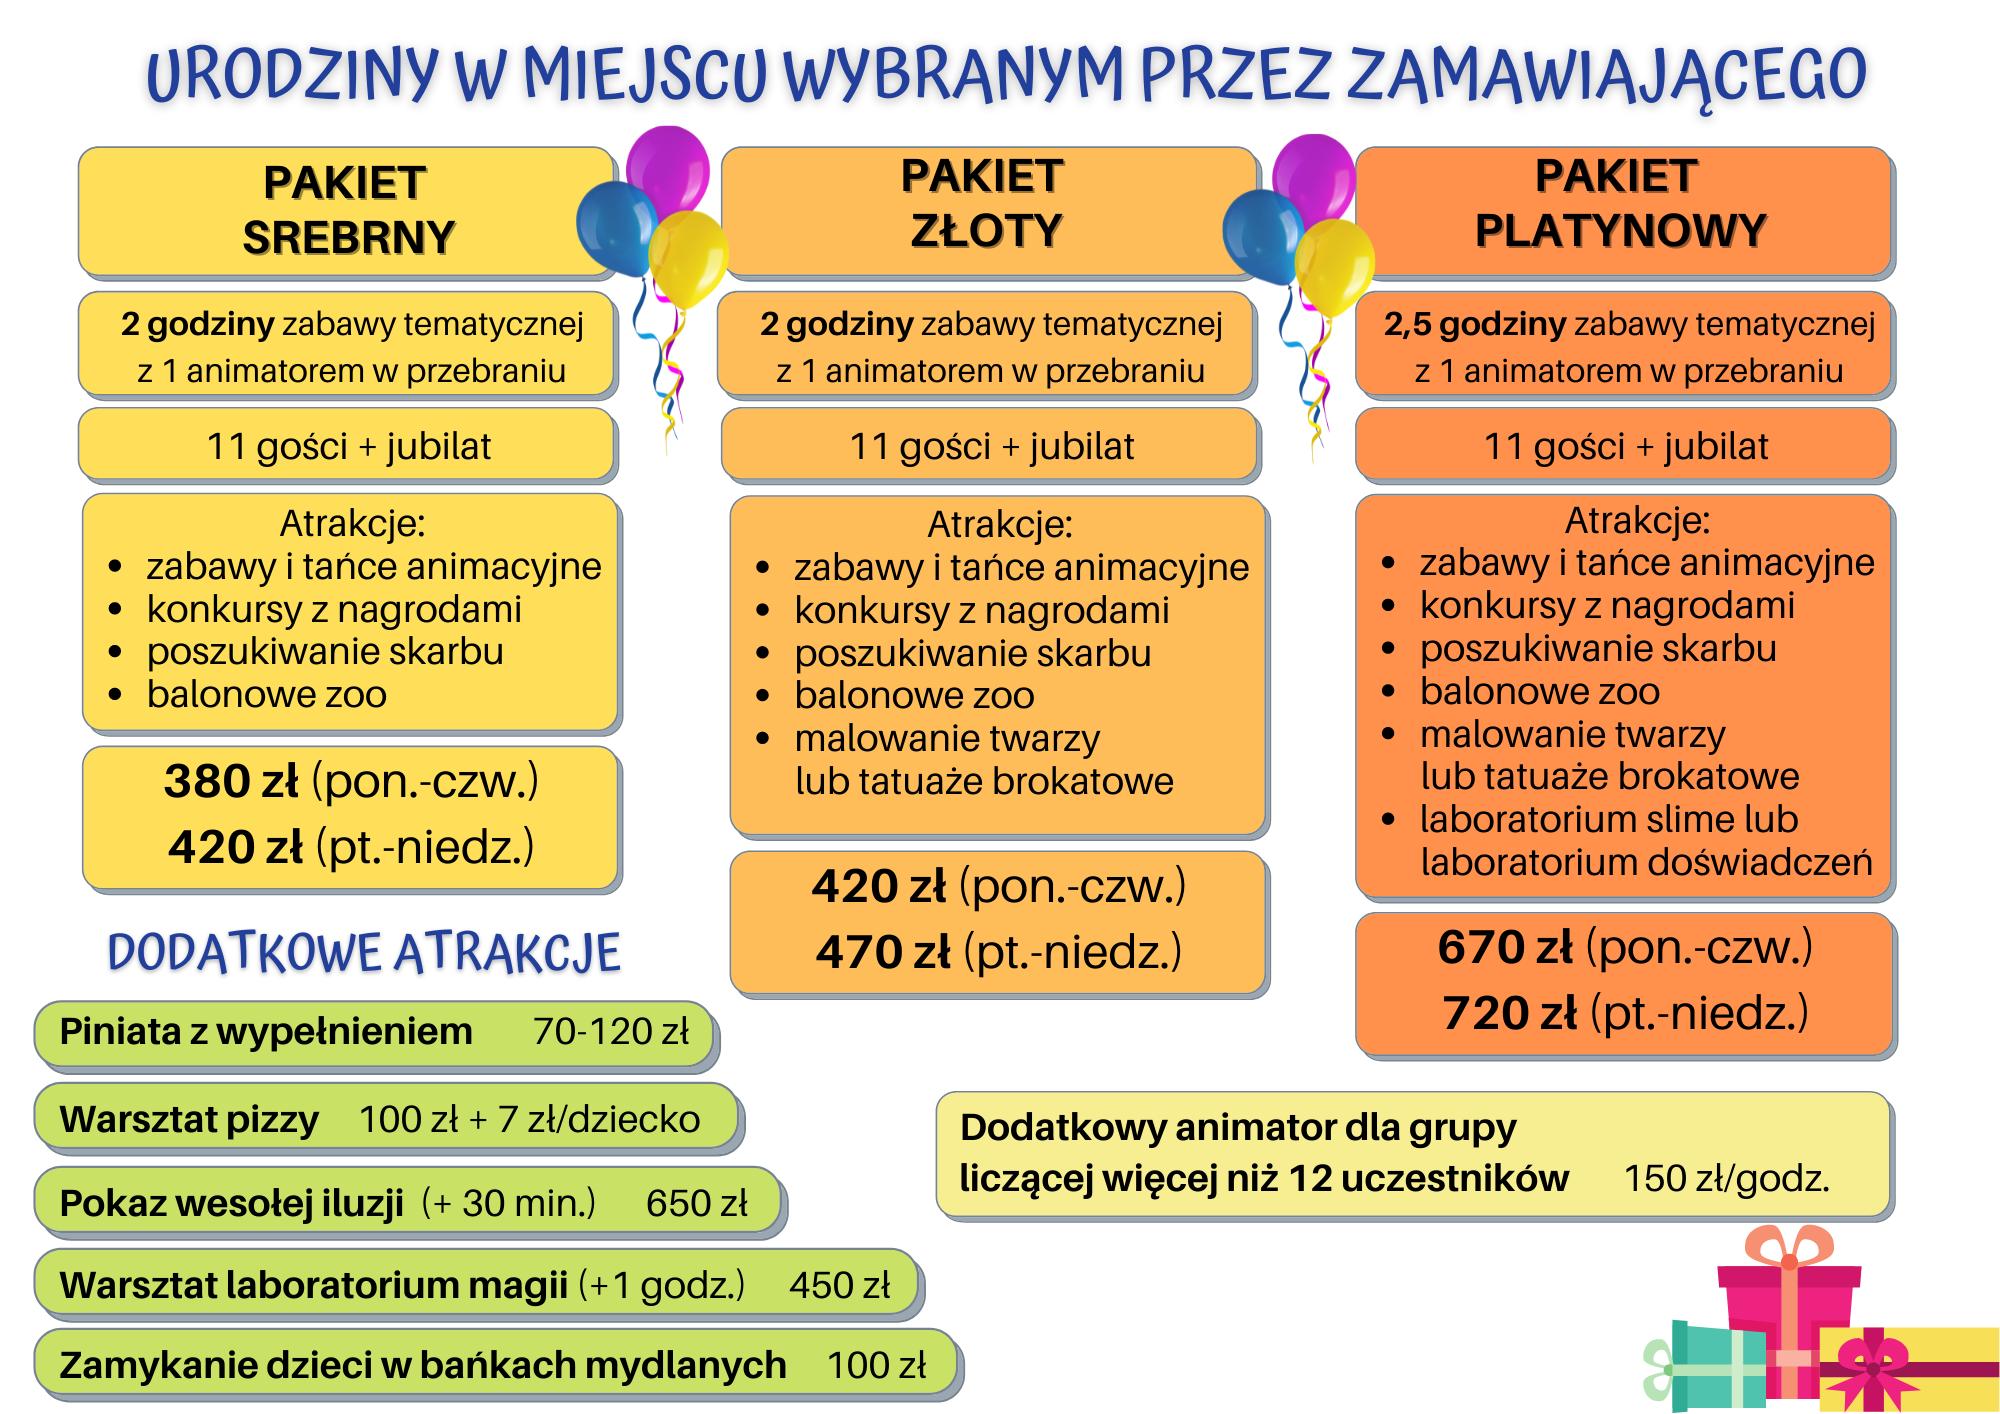 Urodziny Dla Dzieci Poznań - Imprezy Z Animatorem W Poznaniu I Okolicy zdjęcie nr 8